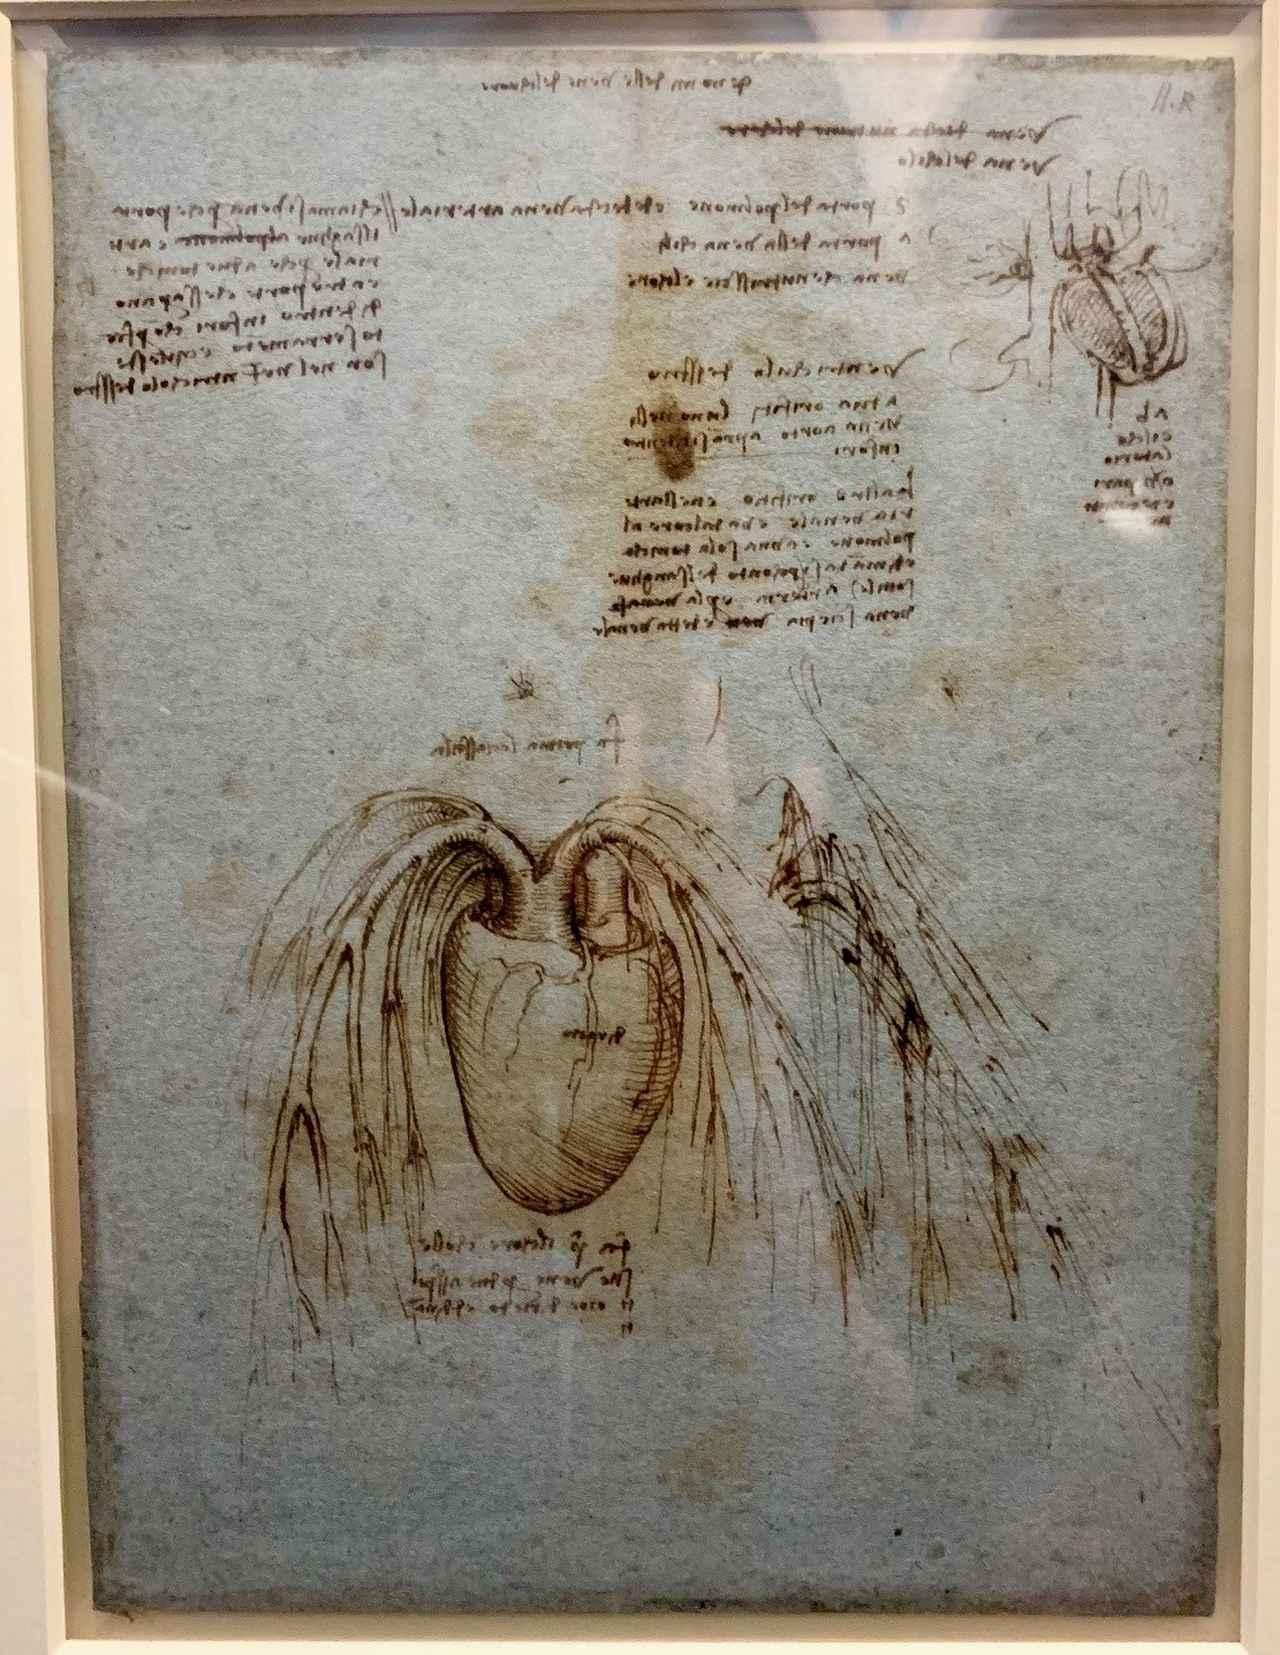 画像: レオナルド・ダ・ヴィンチの手稿の一部(2019年6月 弊社スタッフ撮影)